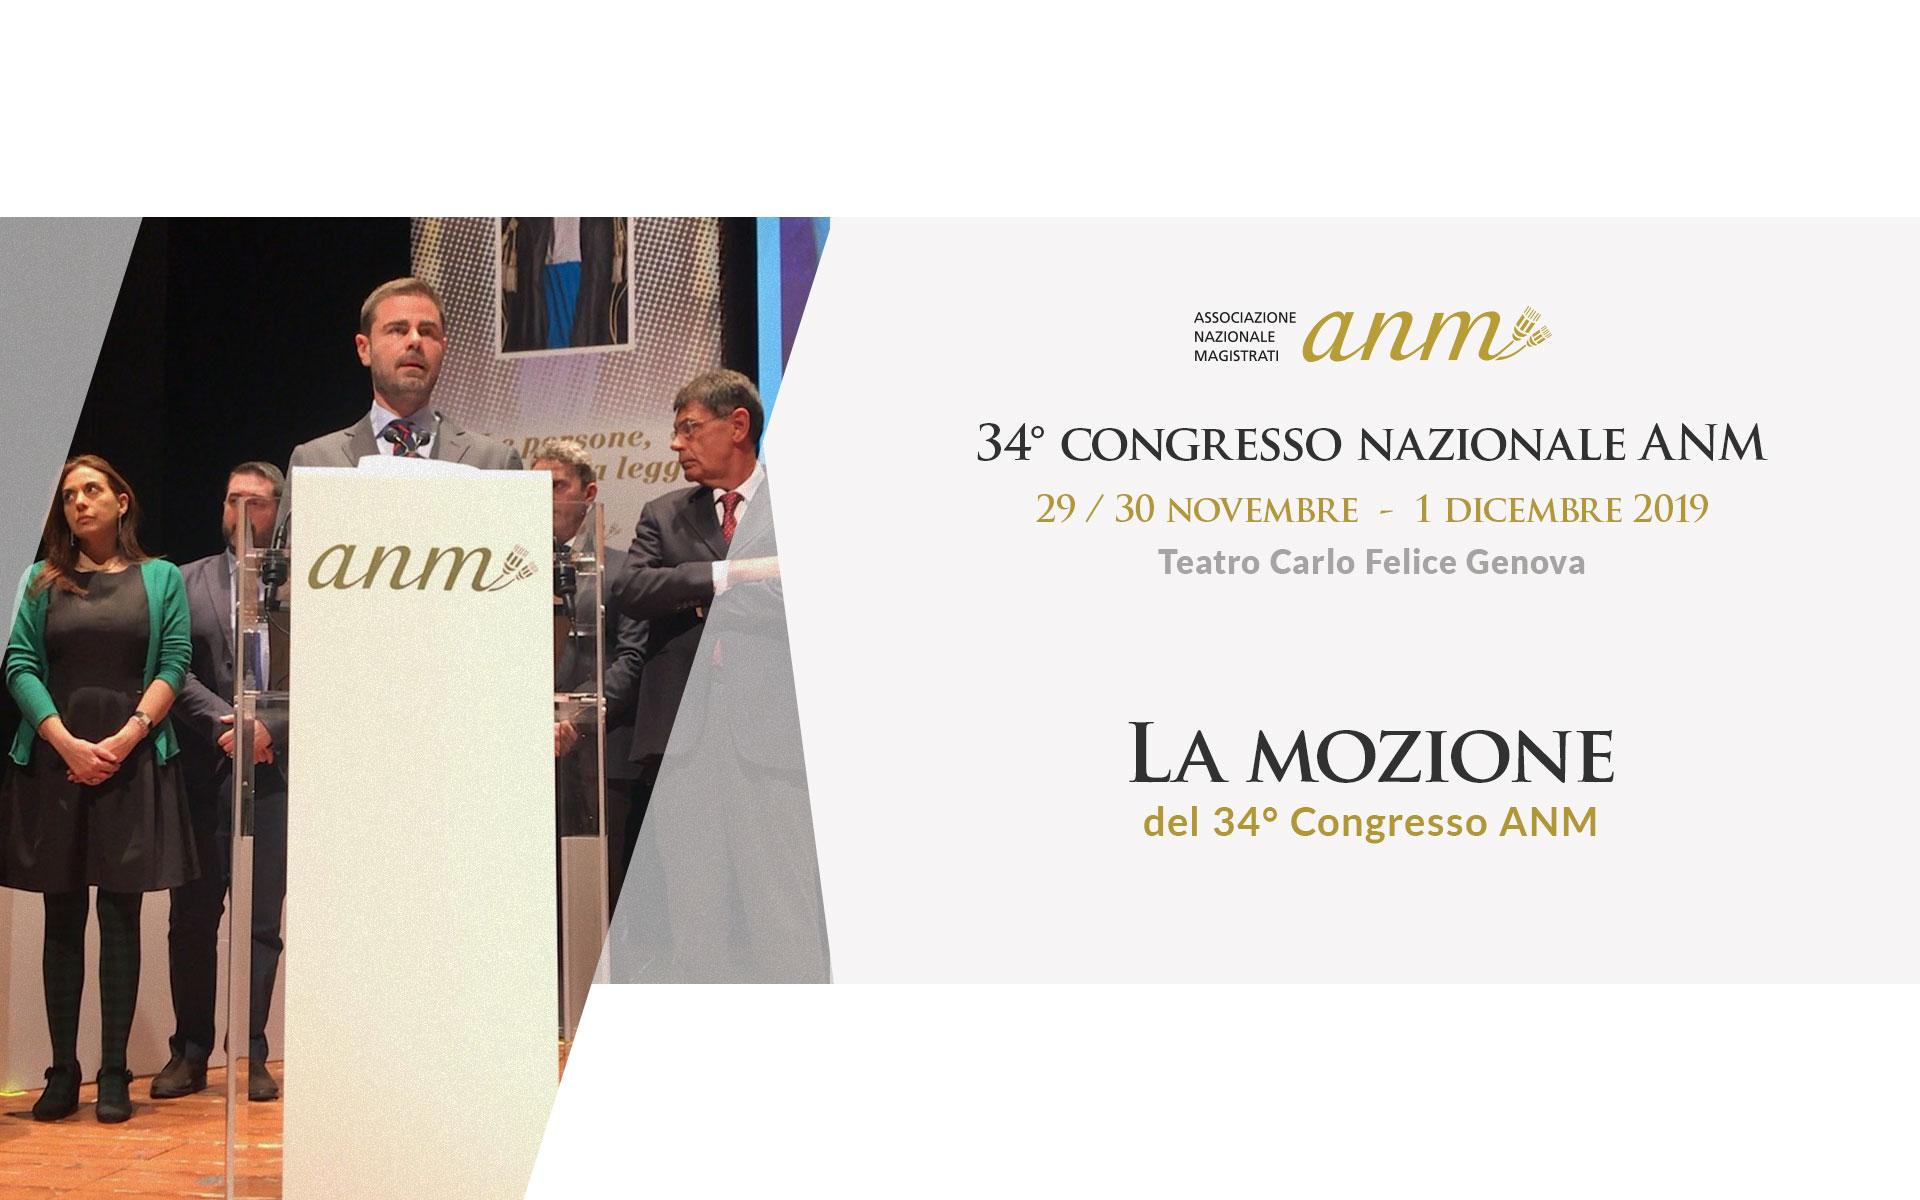 La mozione del 34° Congresso ANM